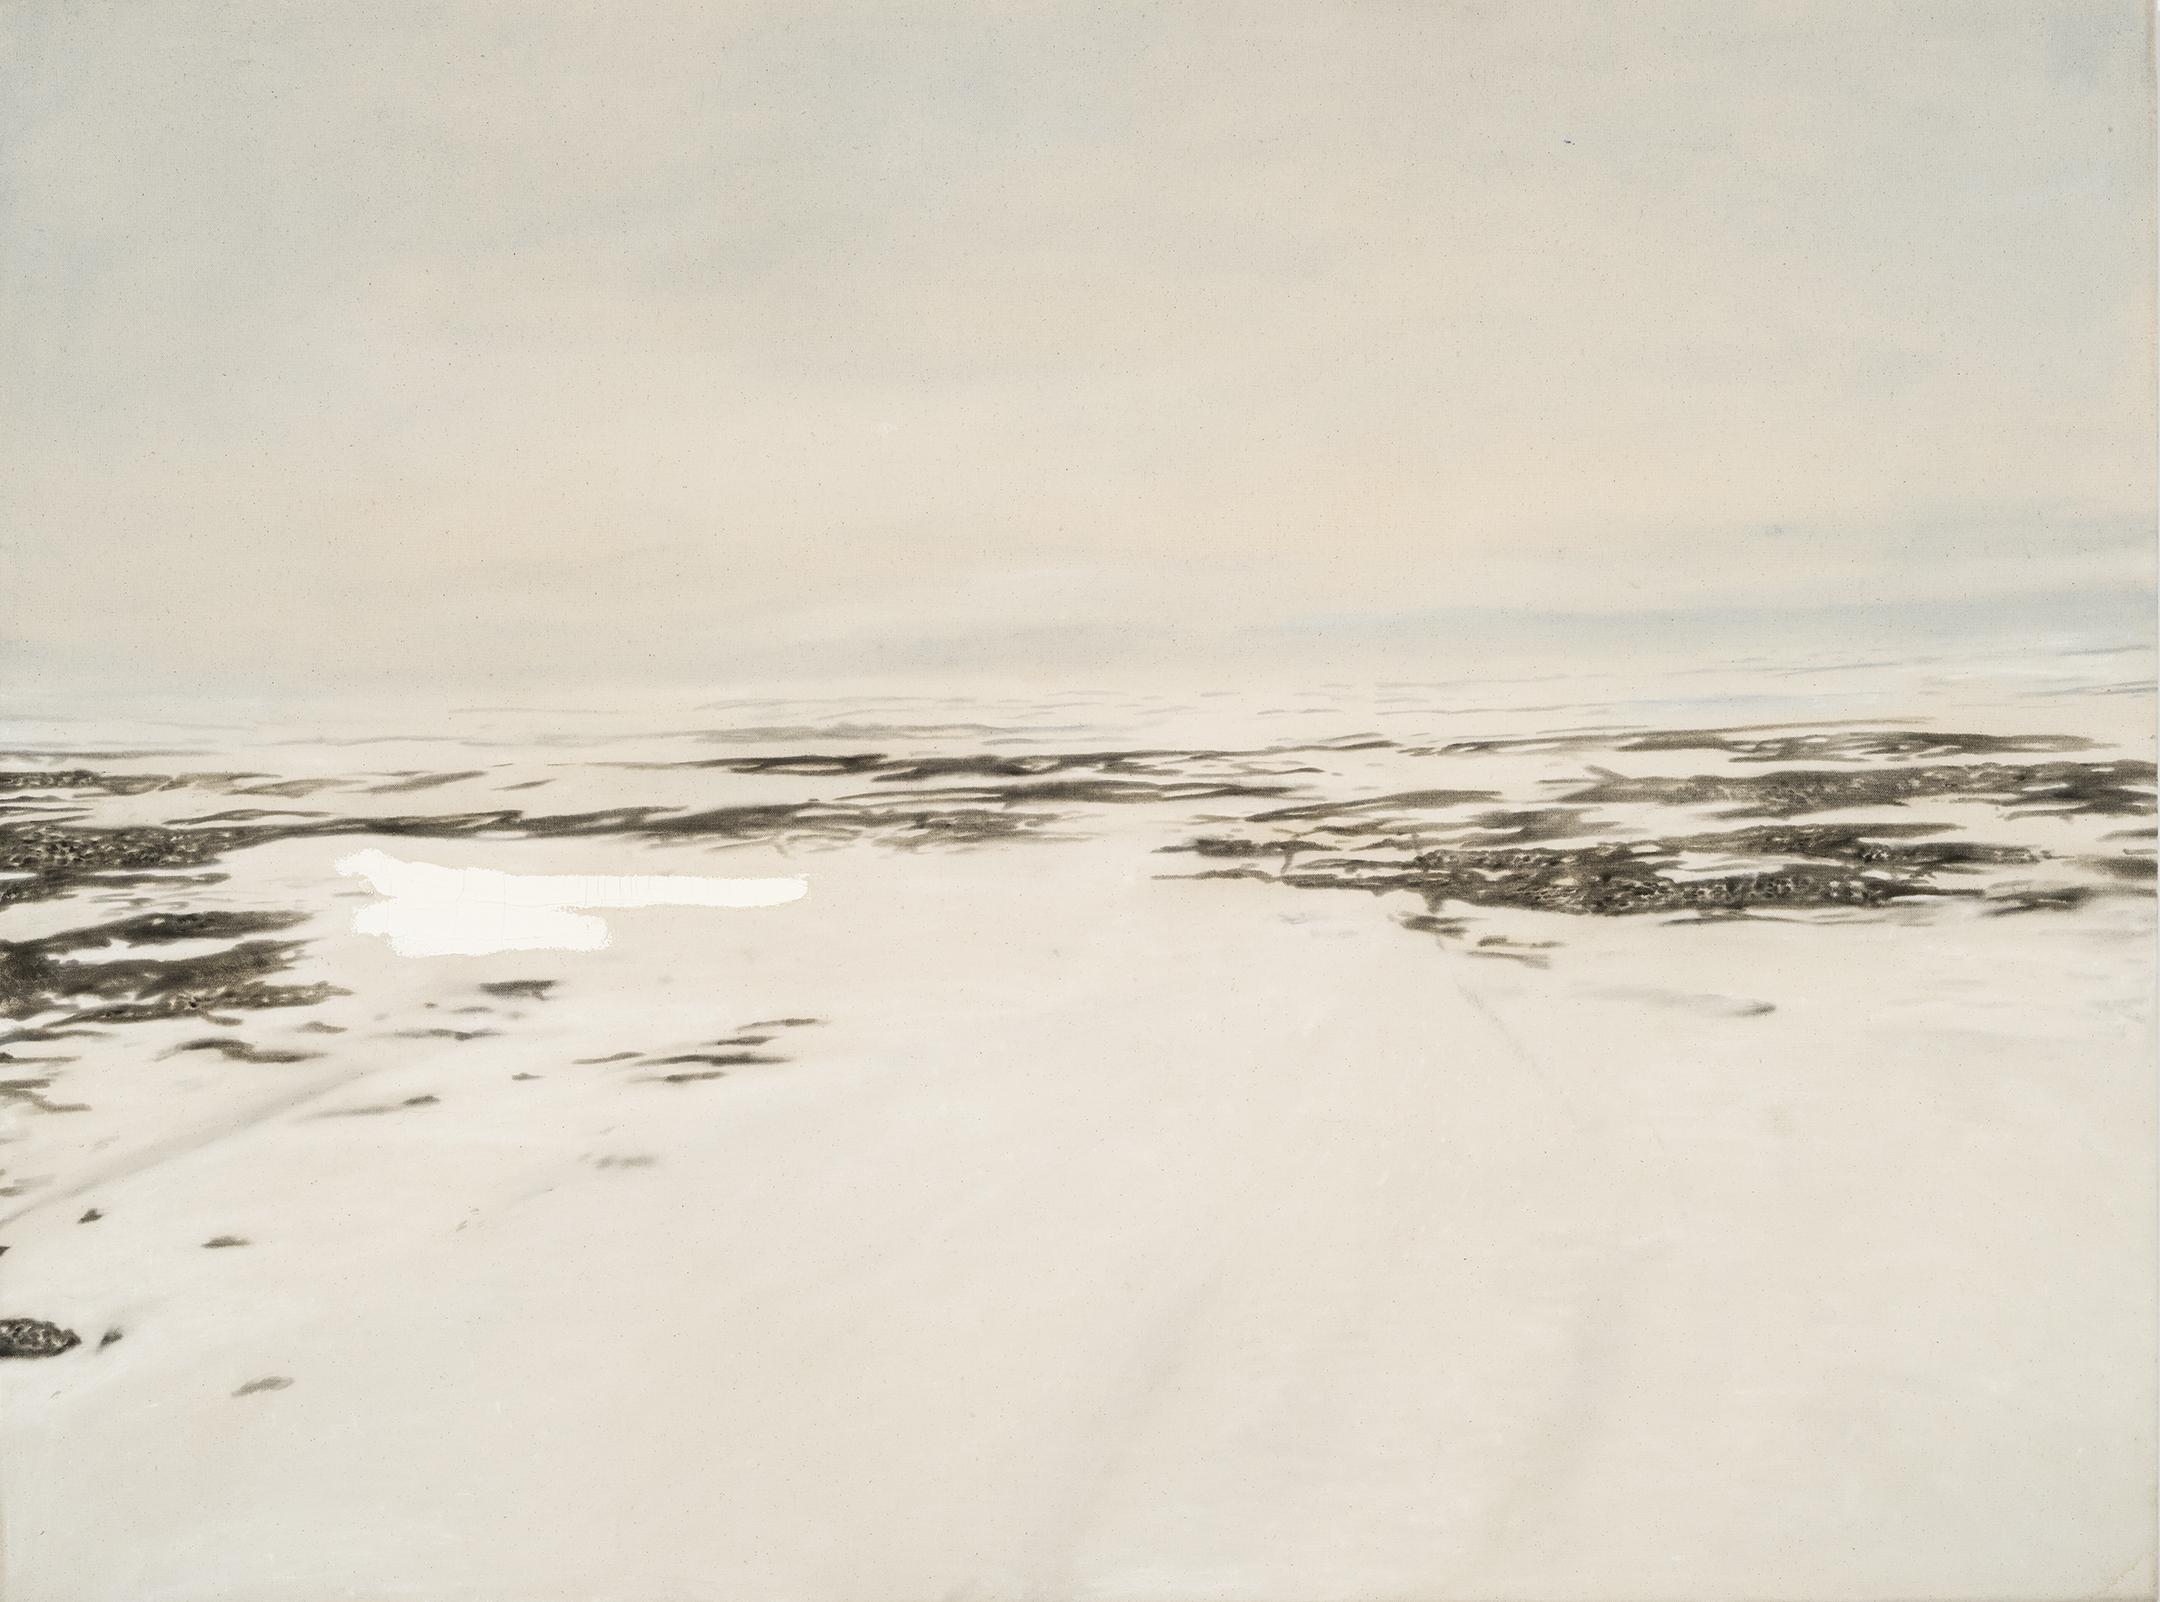 Paysage nordique 13 , 2016. Huile et fusain sur toile, 36 x 48 pouces